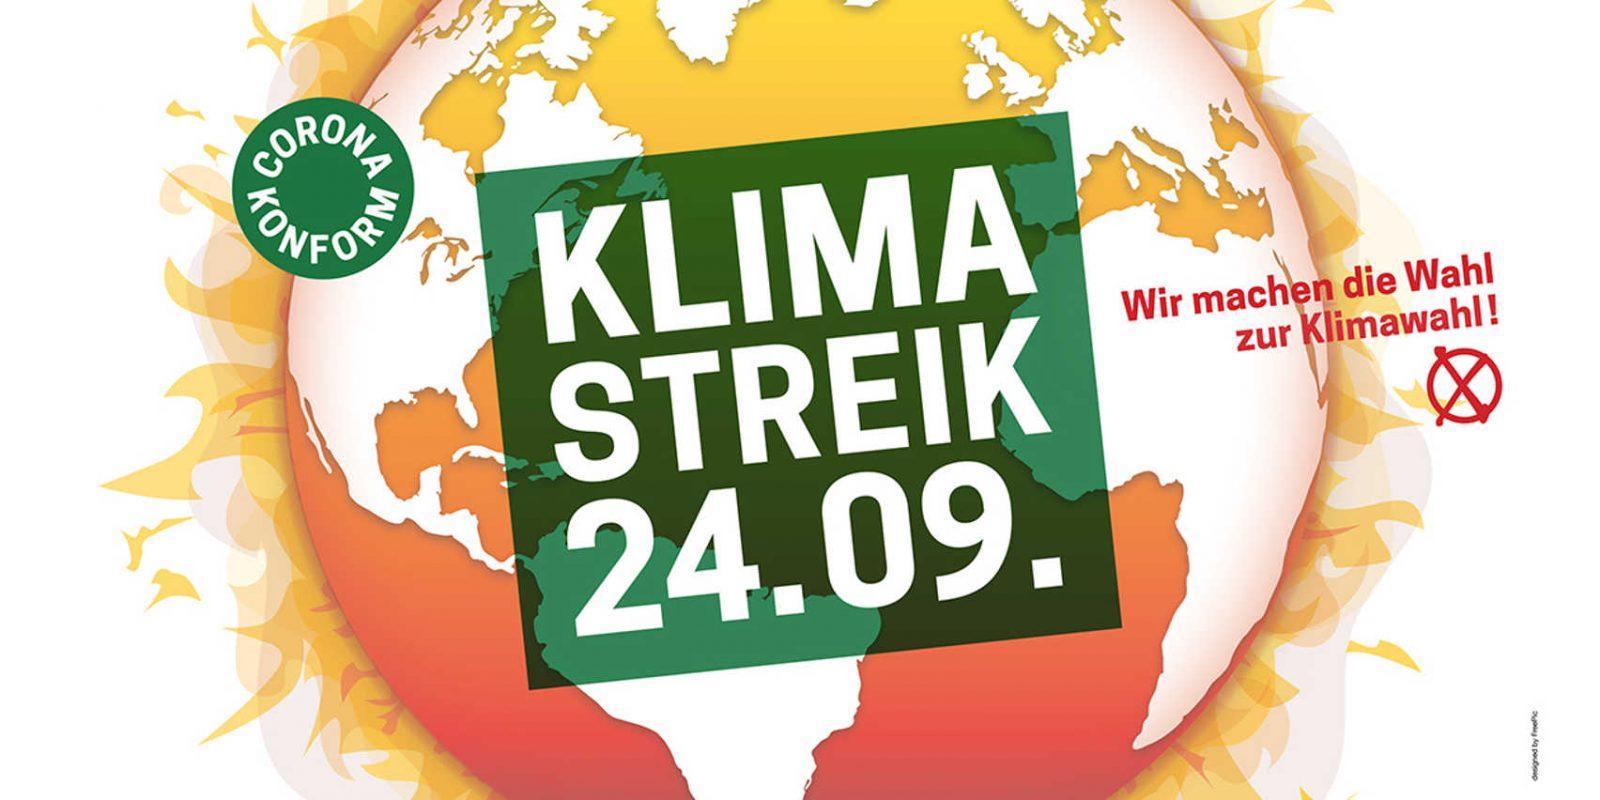 Klimastreik 24.09.